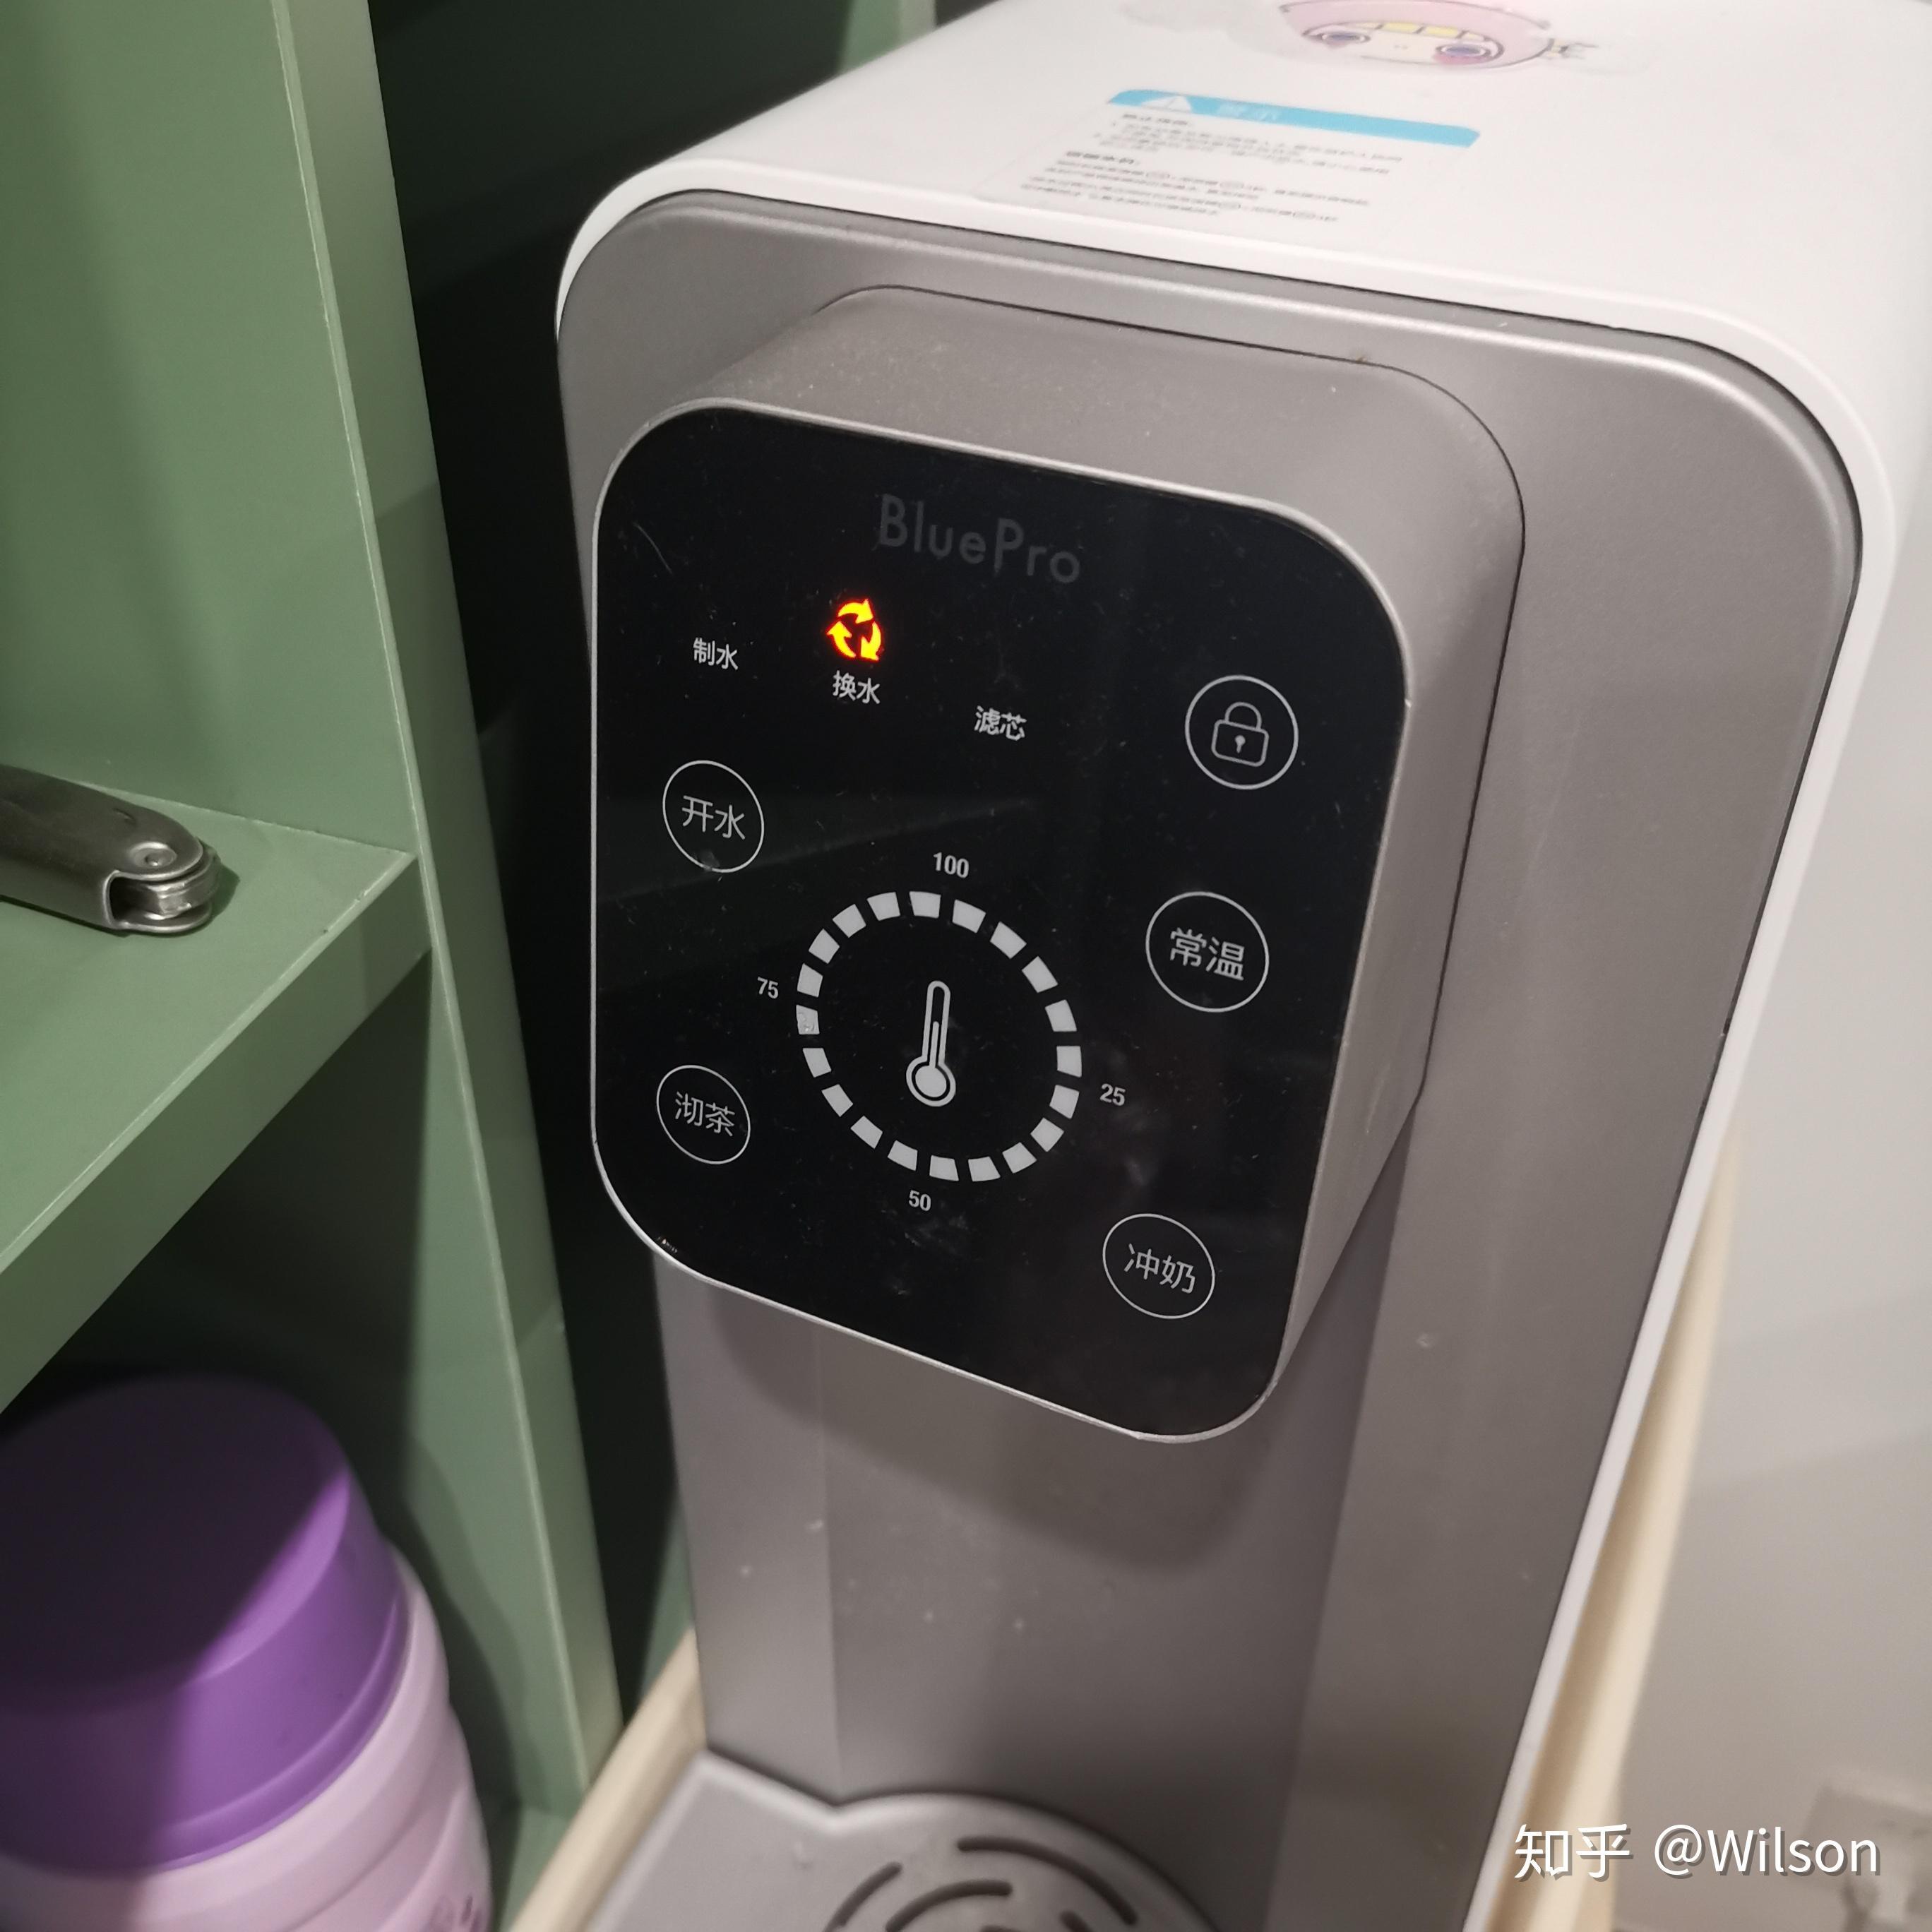 饮水机的功率_即热式饮水机哪个好? - 知乎